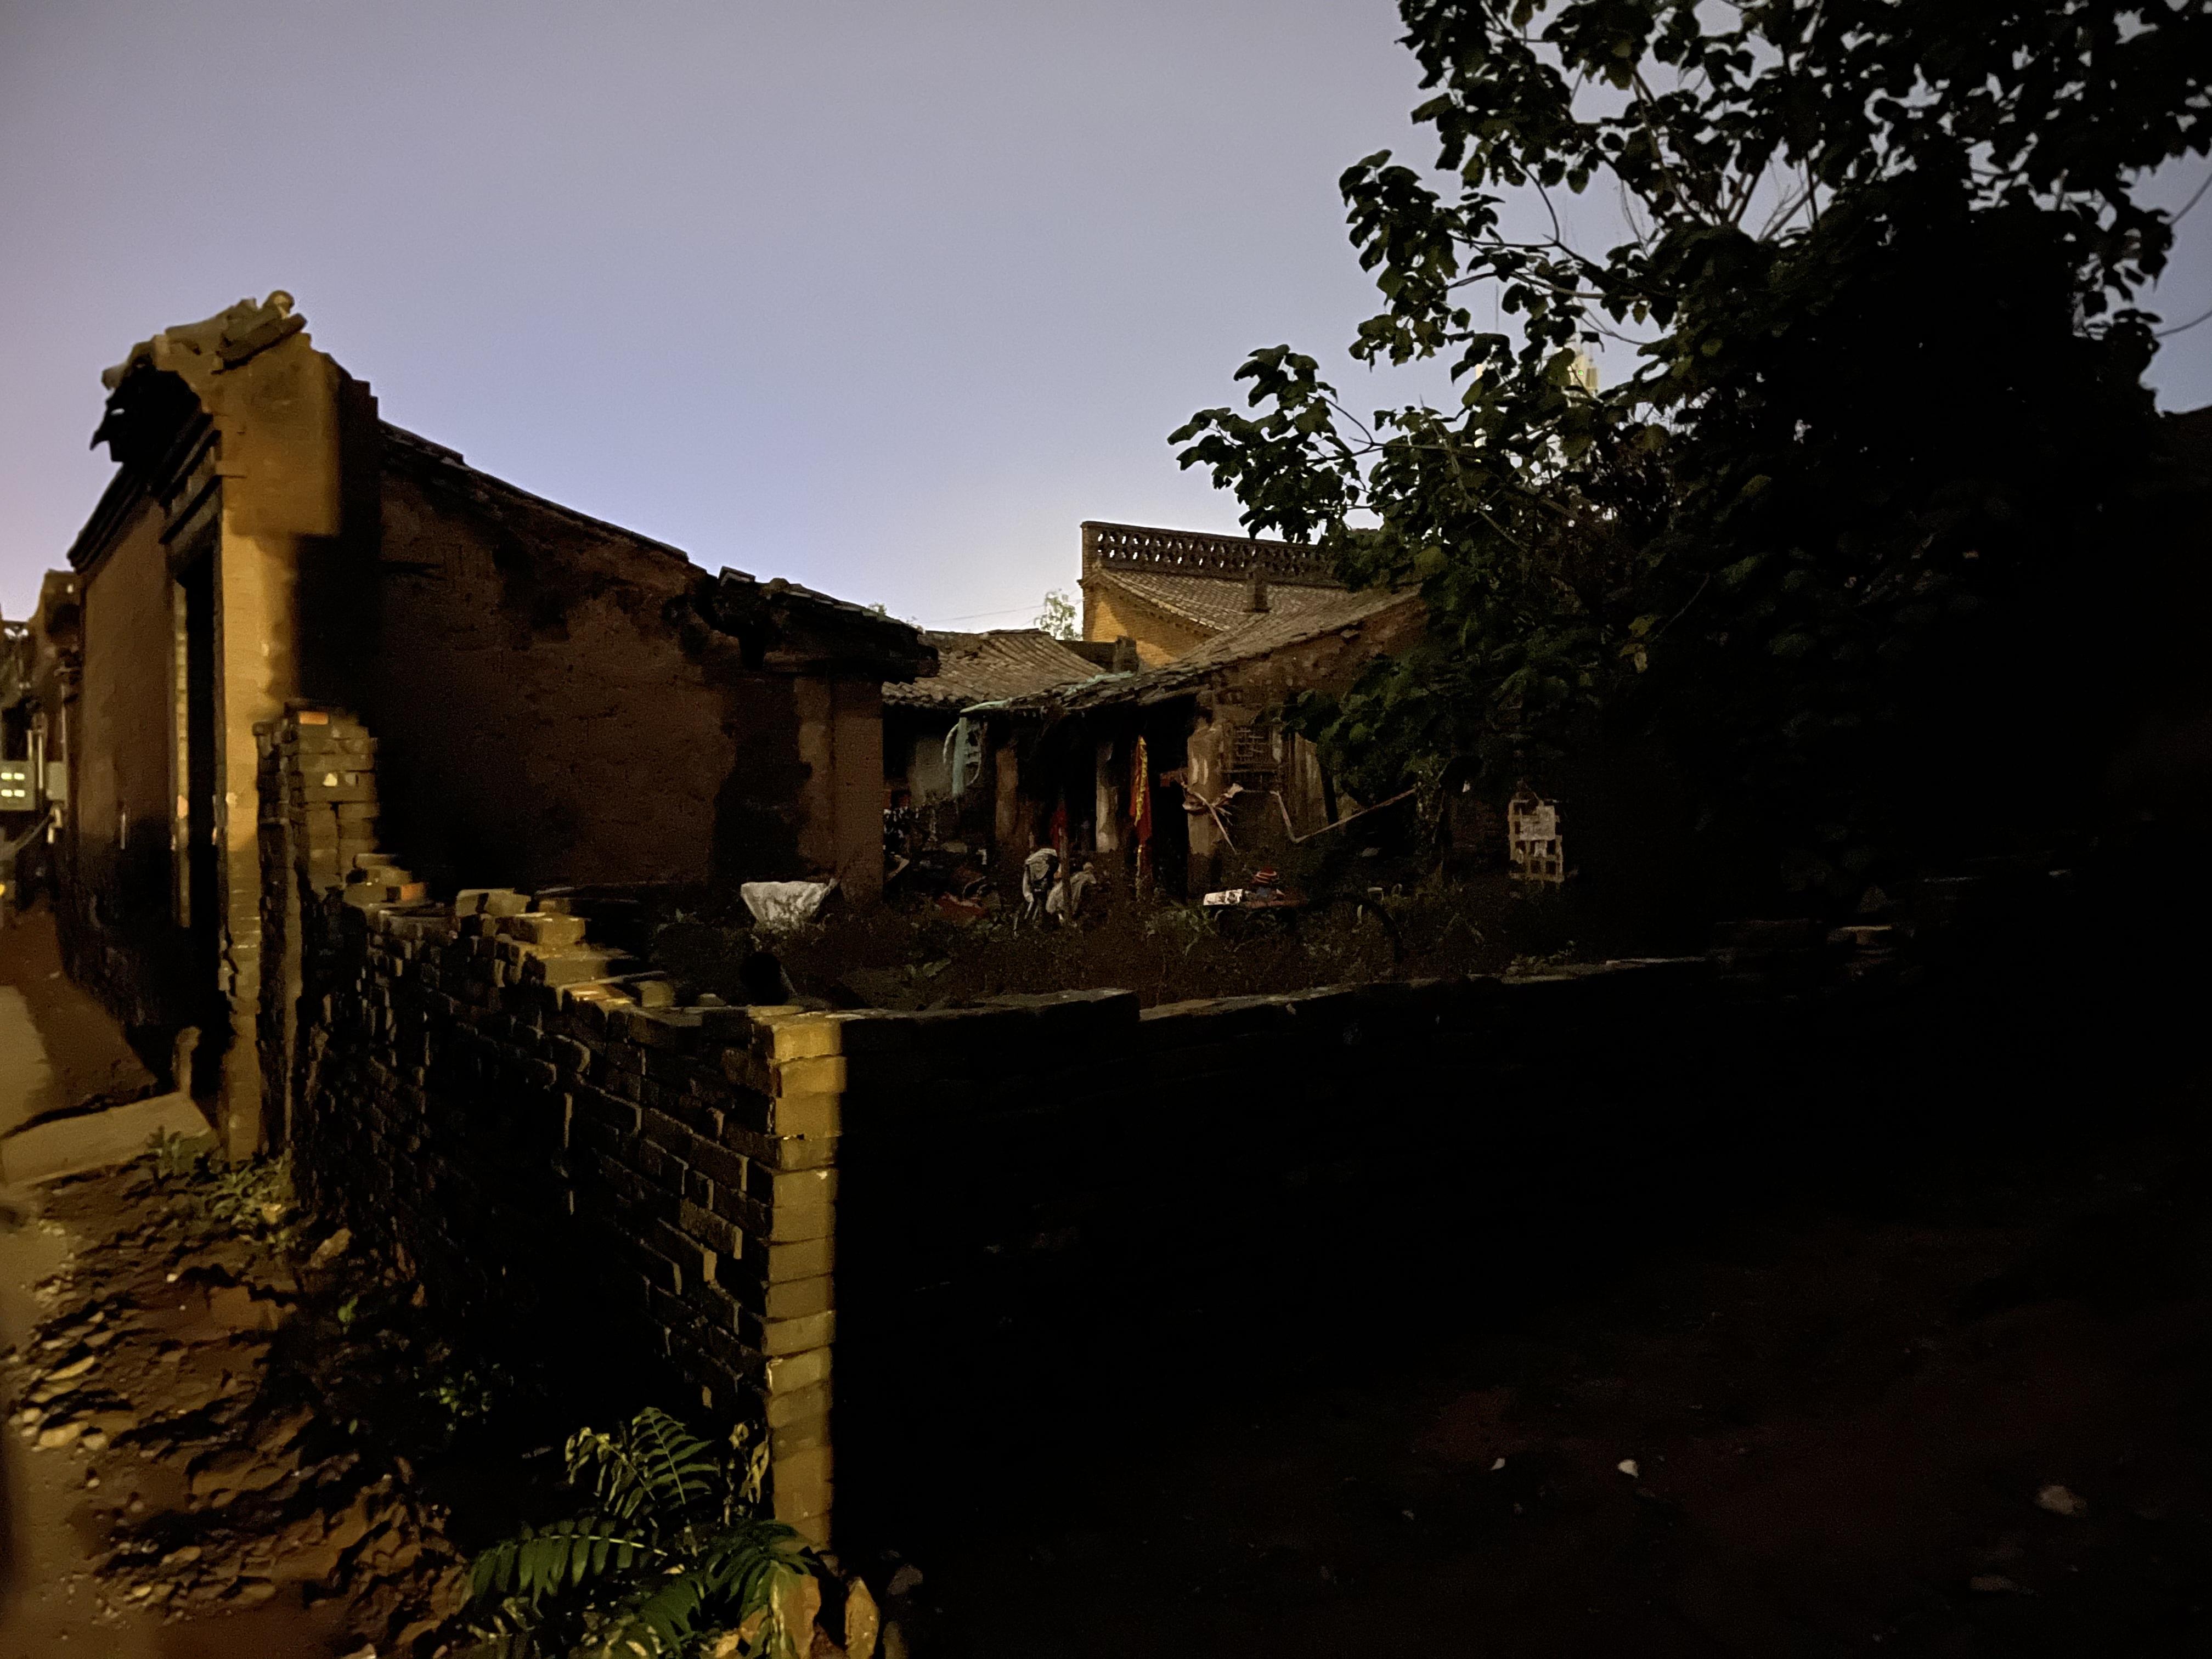 平遥古城内坍塌的民房.jpg